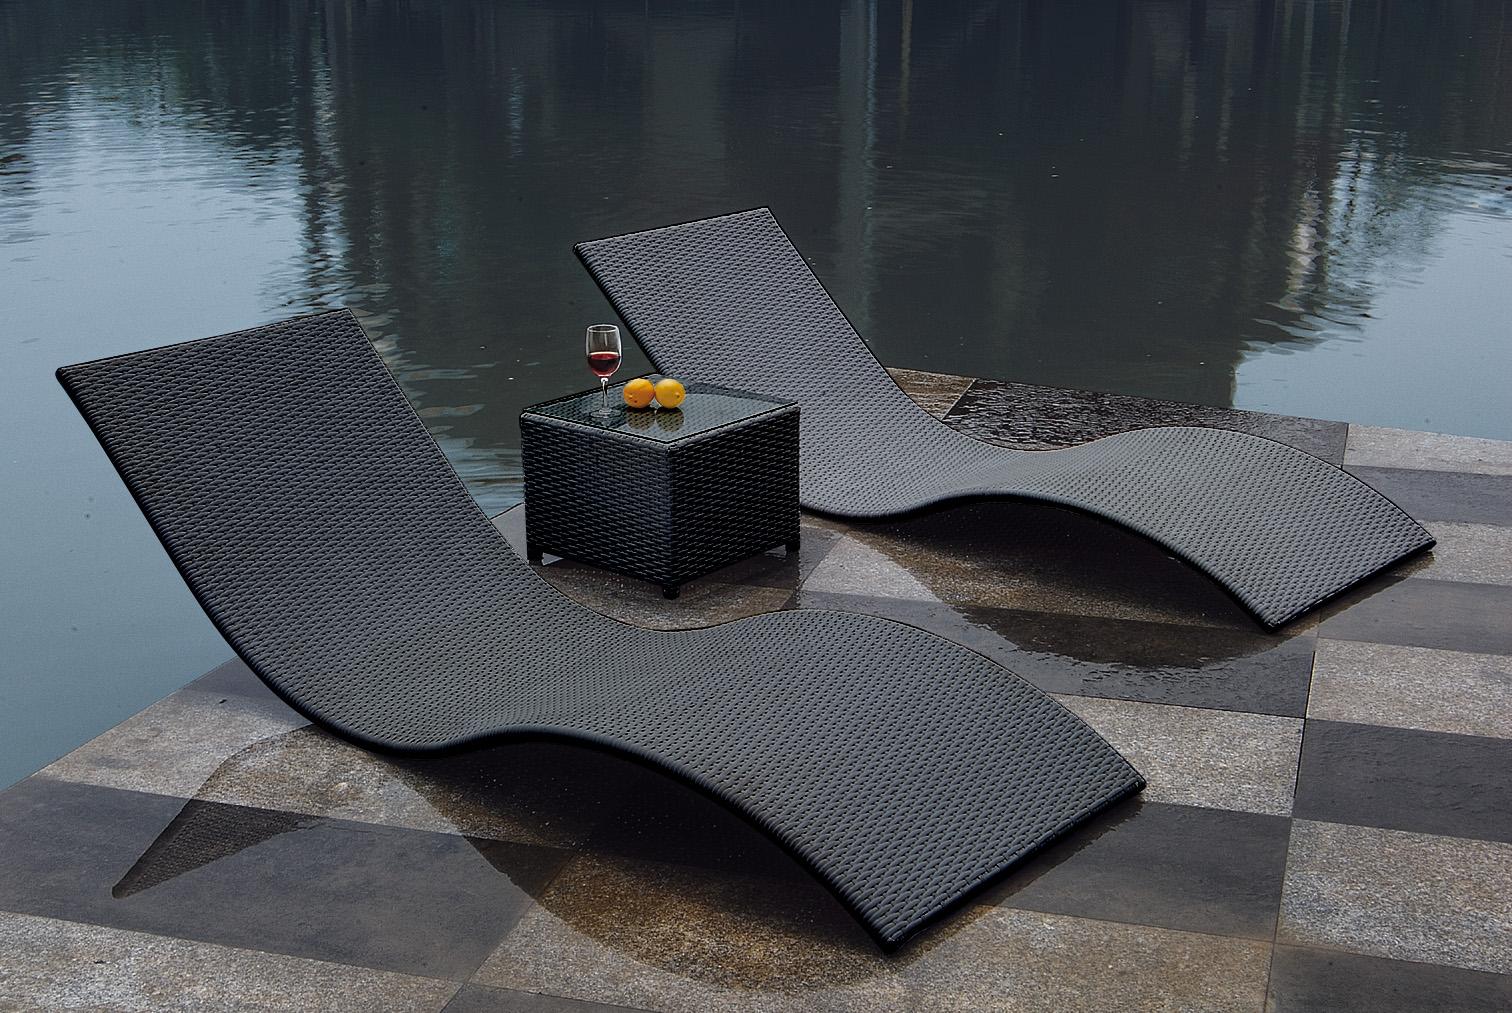 gartenliege liegenset 3 teilig mit tisch sonnenliegen set calypso rattan grau ebay. Black Bedroom Furniture Sets. Home Design Ideas